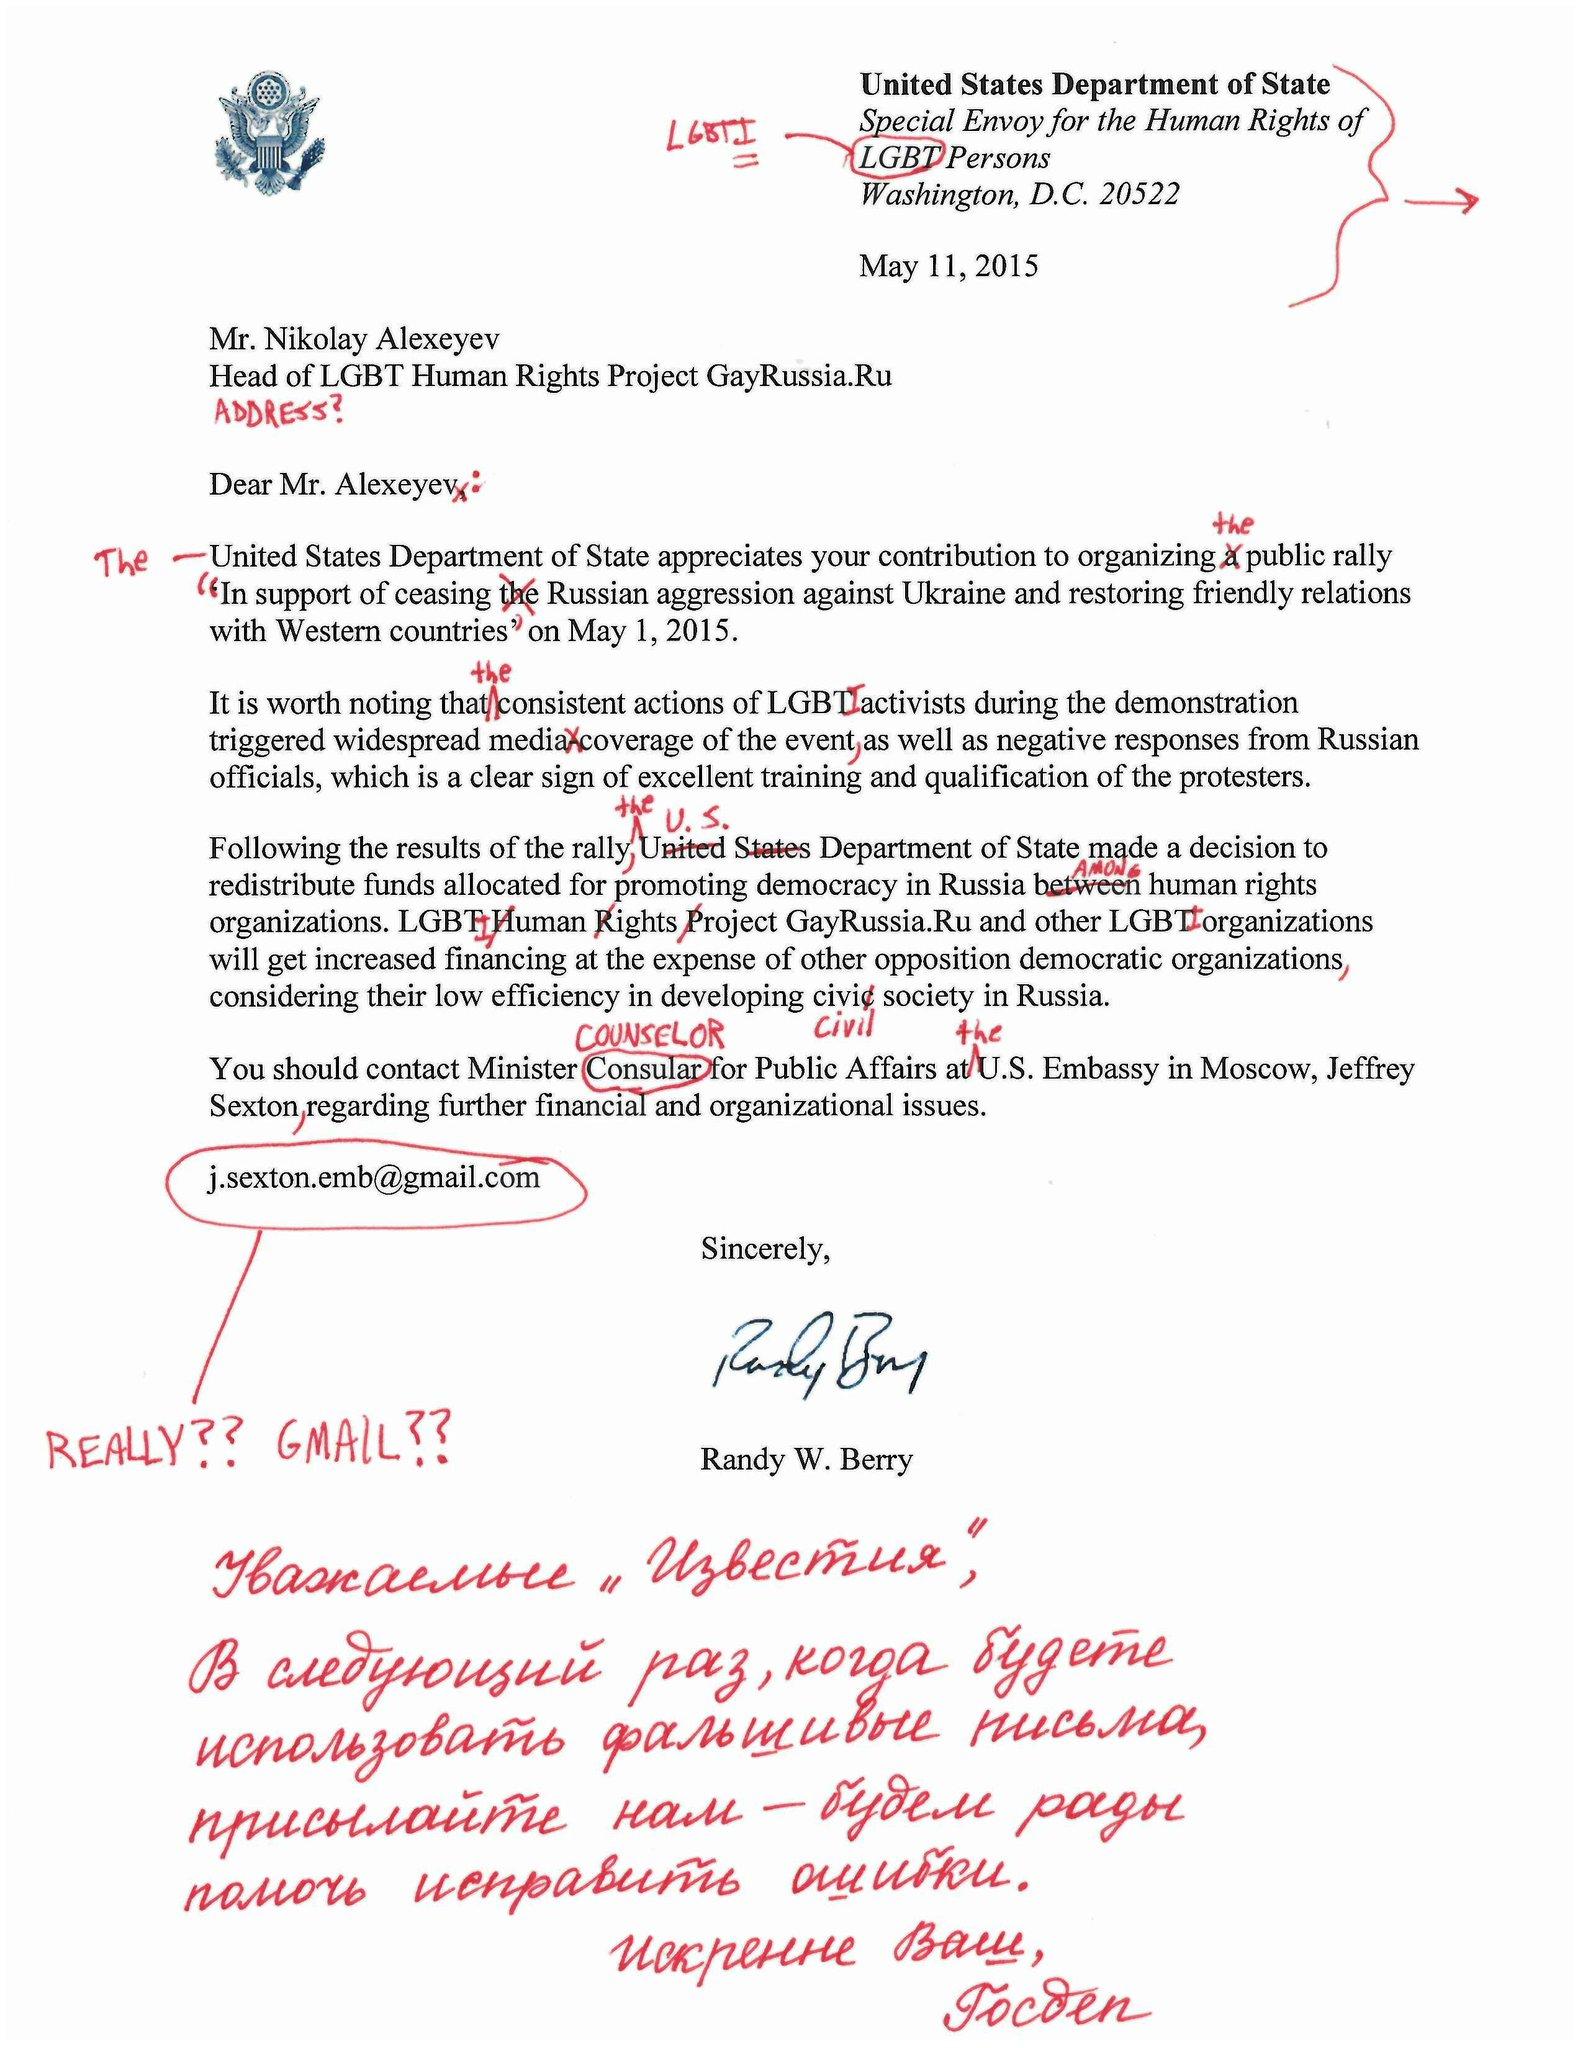 Фейгин: Одновременно с оглашением приговора Савченко на ее адвокатов могут завести уголовное дело - Цензор.НЕТ 7796